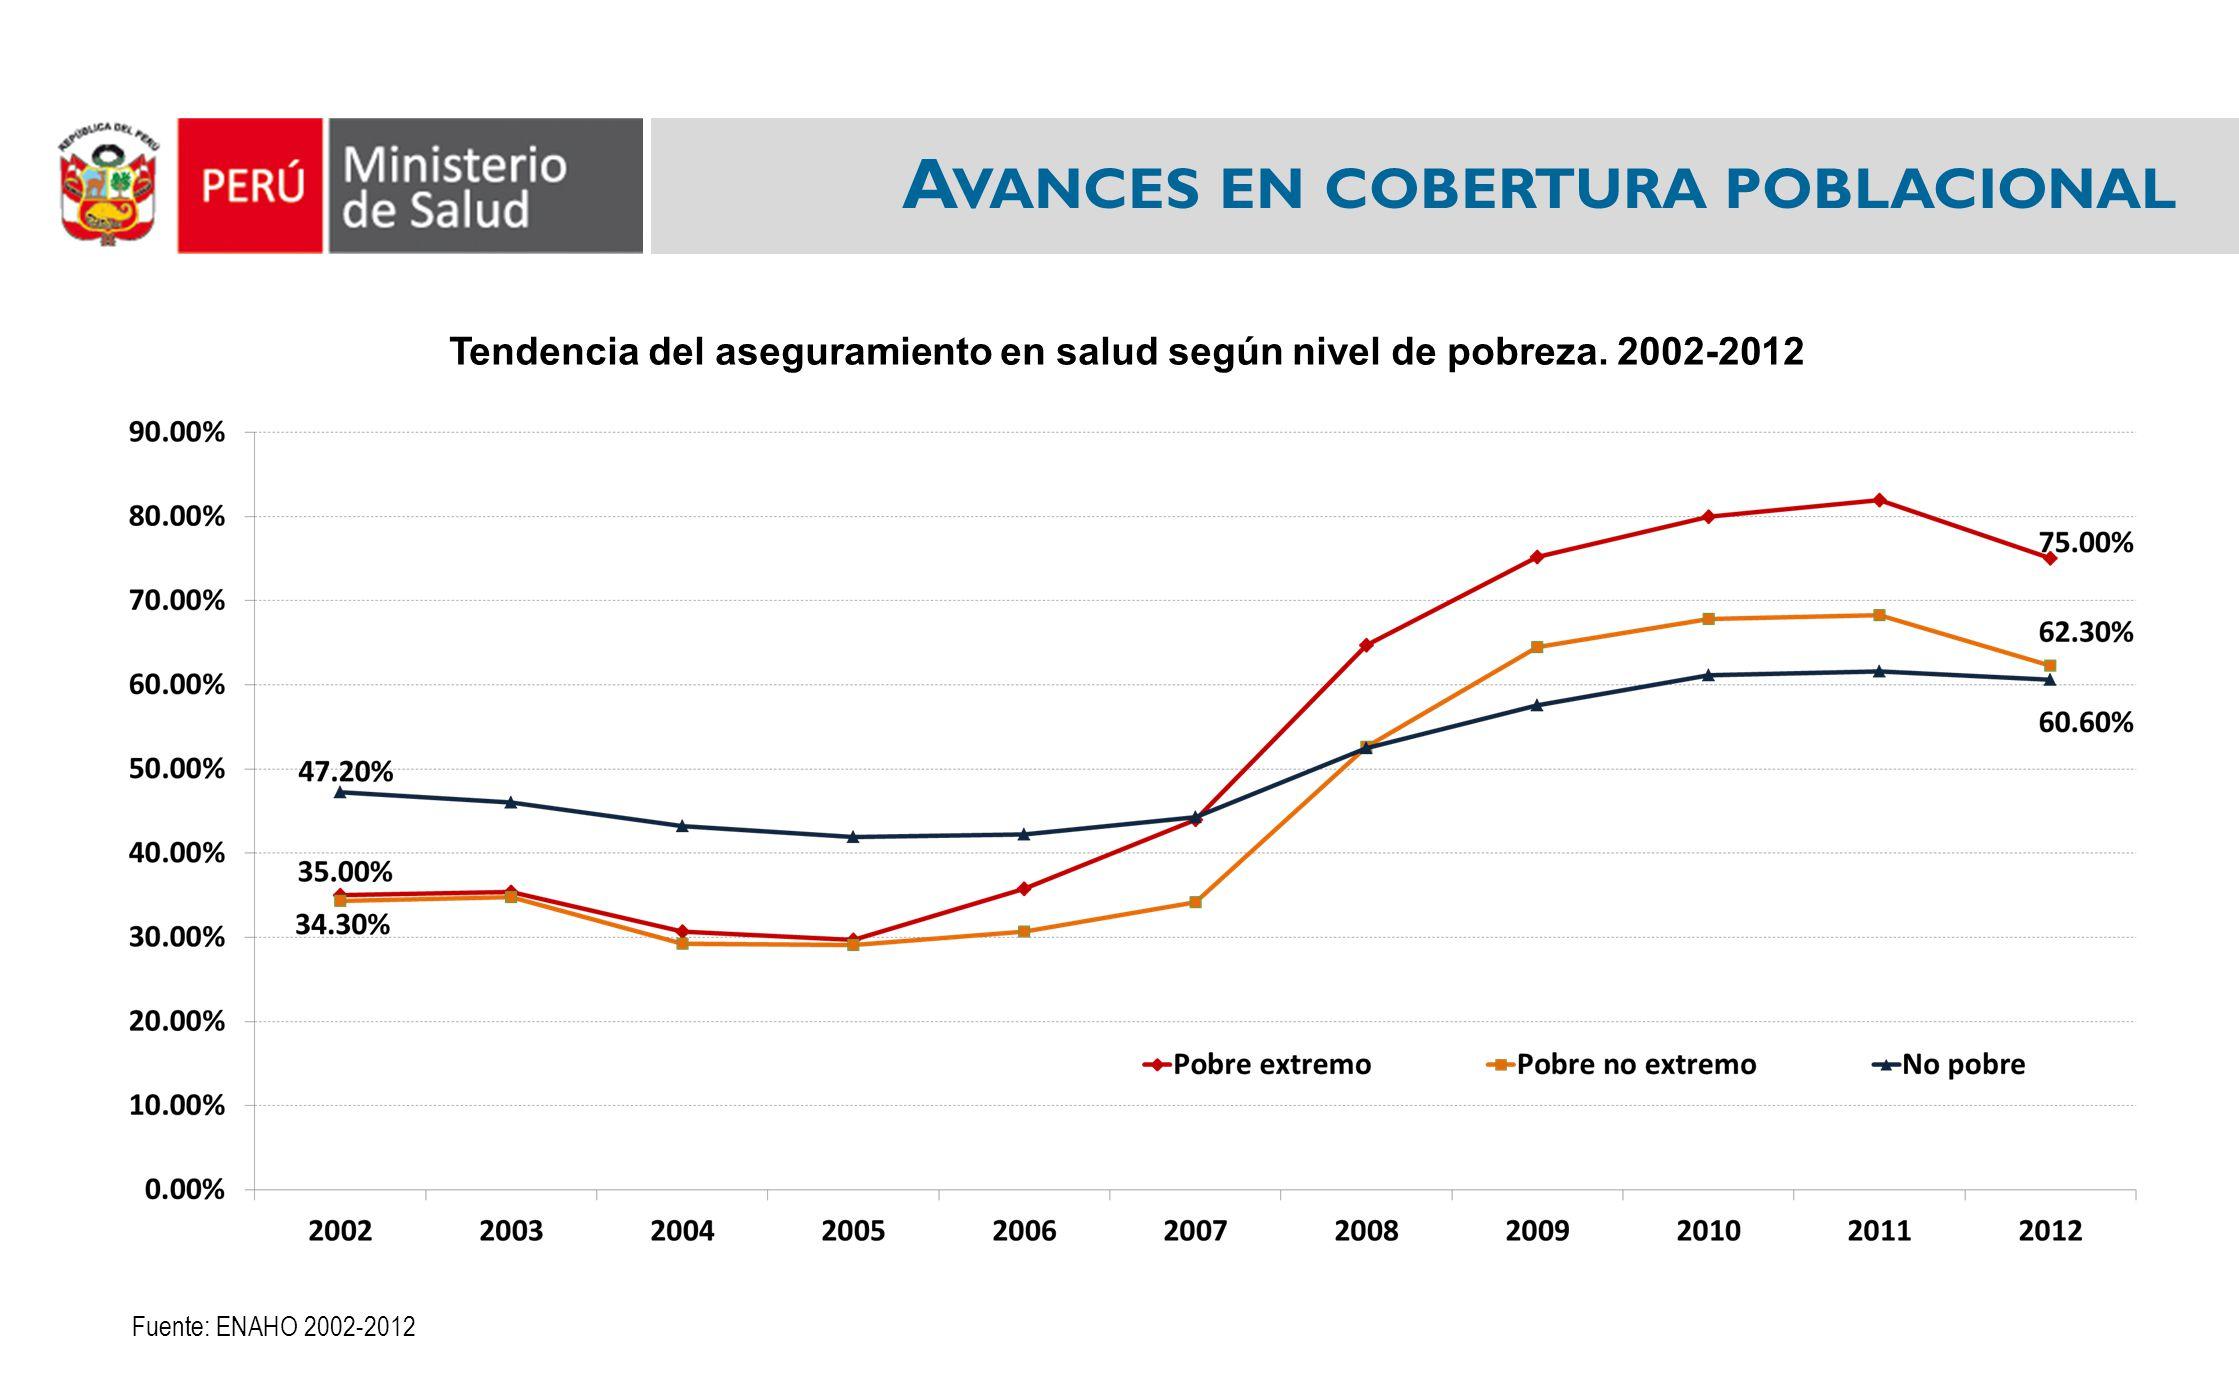 A VANCES EN COBERTURA POBLACIONAL Fuente: ENAHO 2002-2012 Tendencia del aseguramiento en salud según nivel de pobreza.